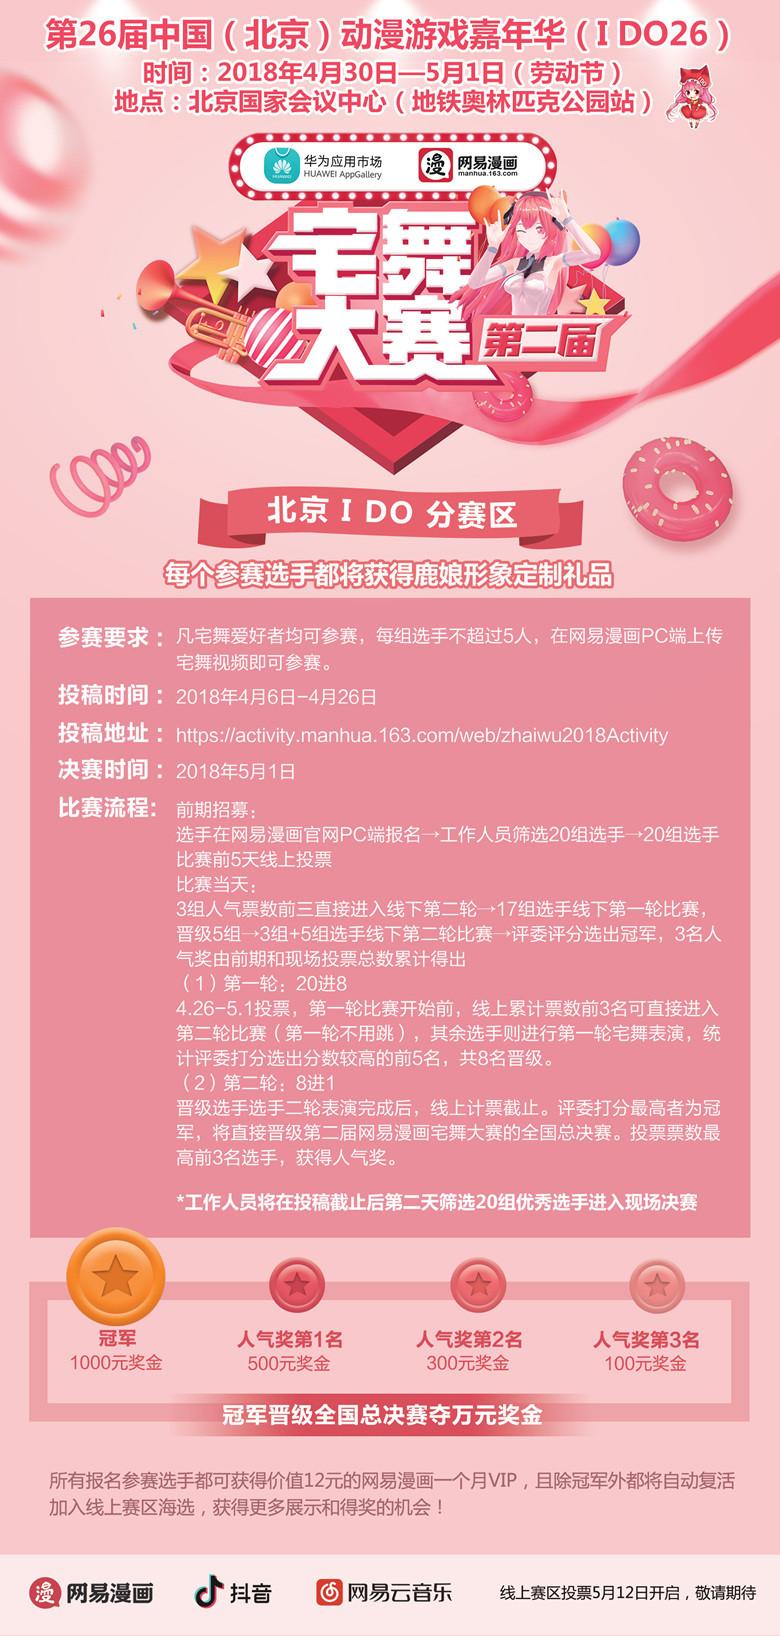 【IDO26漫展】第26届中国(北京)动漫游戏嘉年华(IDO26)与各位小伙伴们欢聚国会!4月30日-5月1日,一起相约北京国家会议中心!-C3动漫网